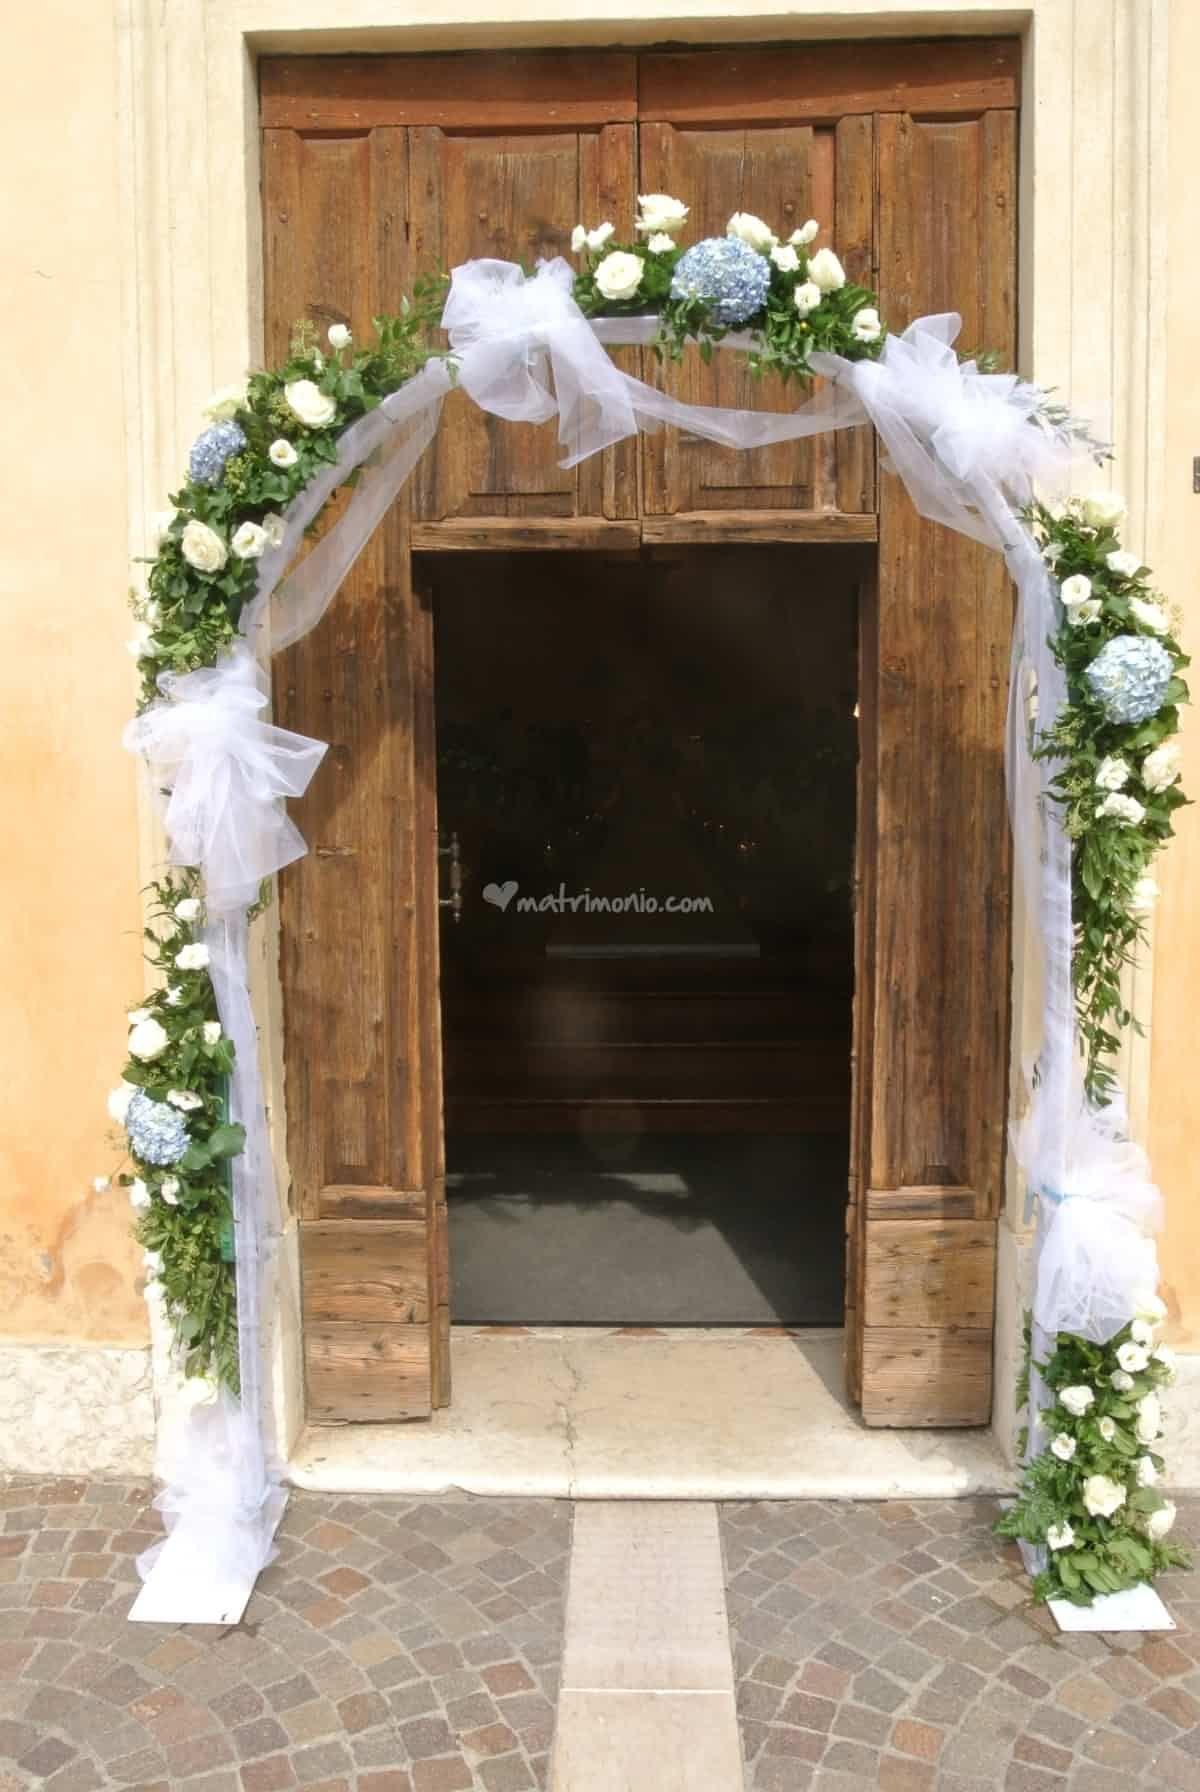 Ingresso Chiesa Scenografie Di Nozze Decorazioni Di Nozze Addobbi Floreali Matrimonio